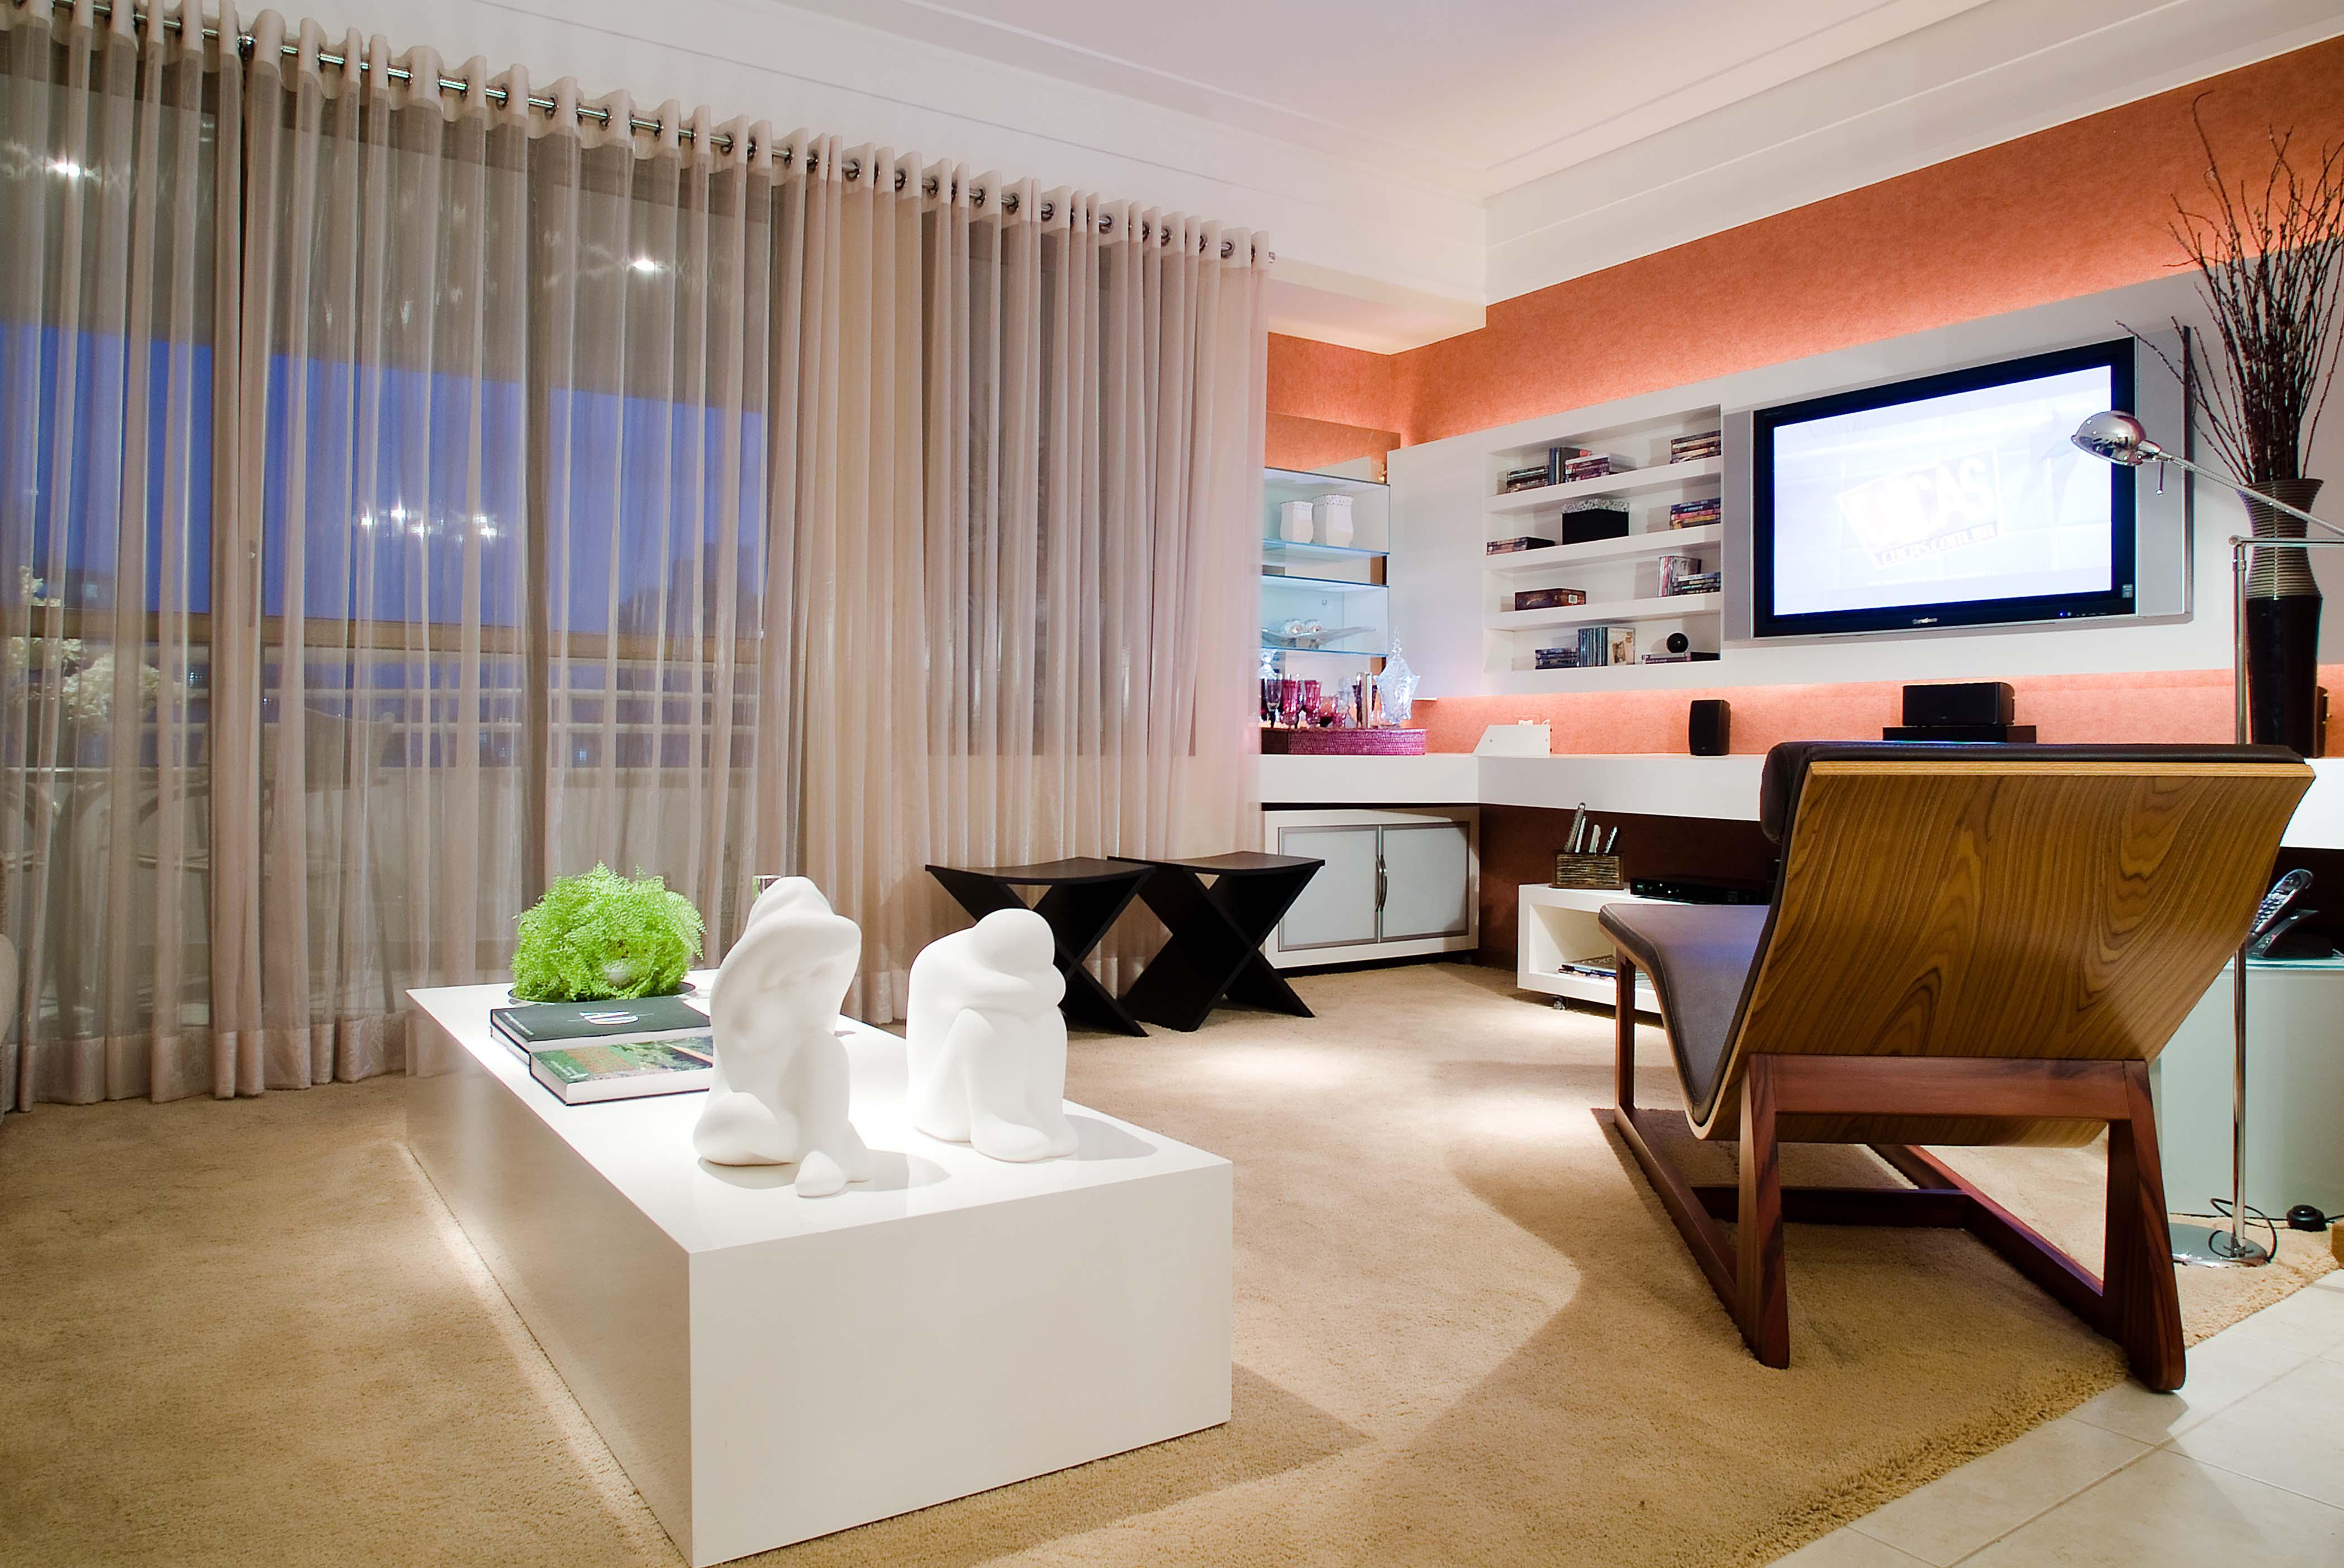 Sala integrada com mesa de centro retangular